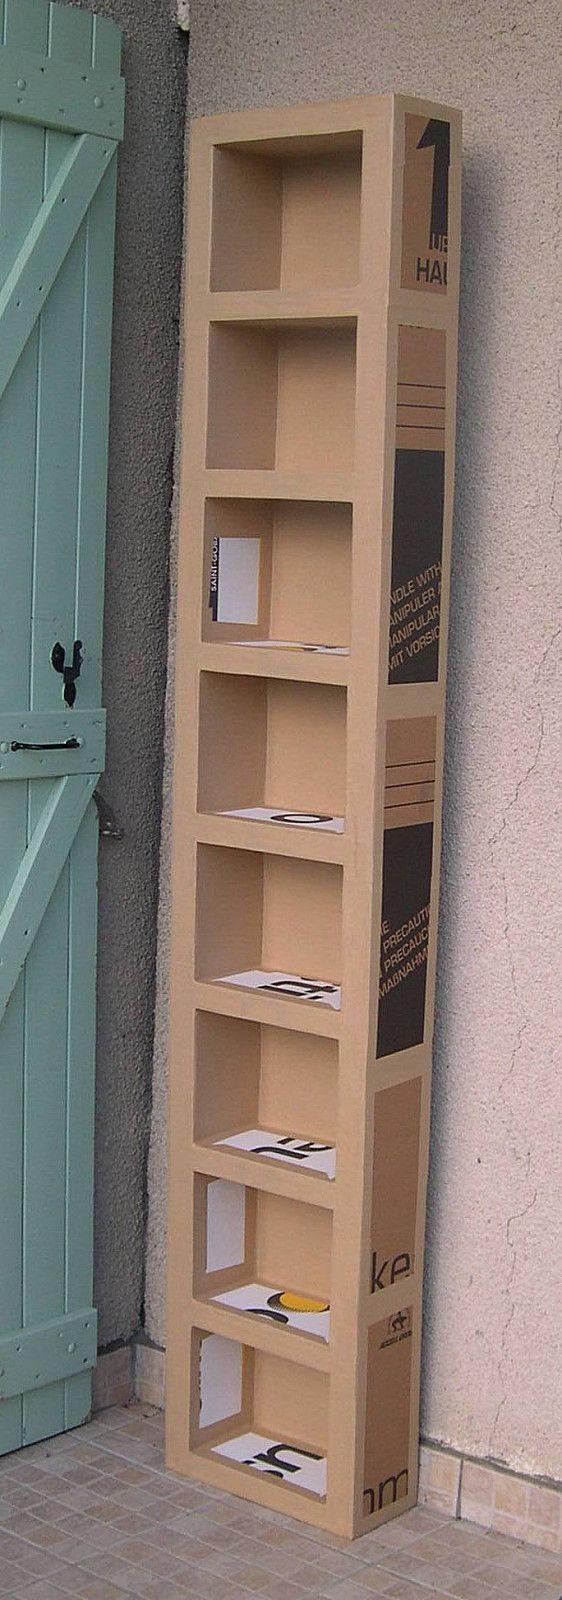 Tutoriel pour fabriquer des meubles en carton. Facile pour commencer.